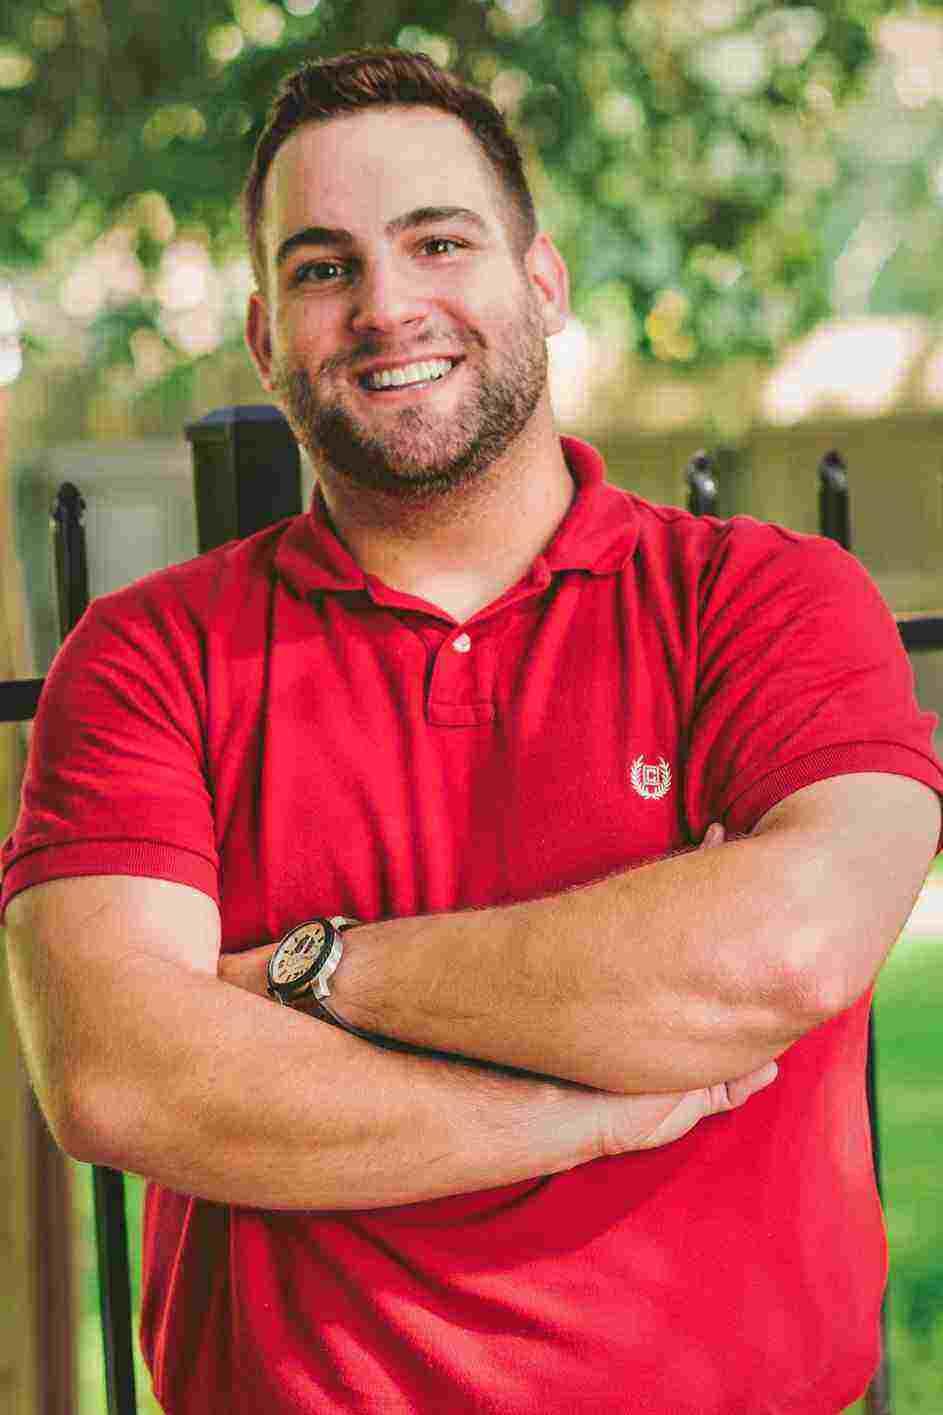 Dylan Hofstetter